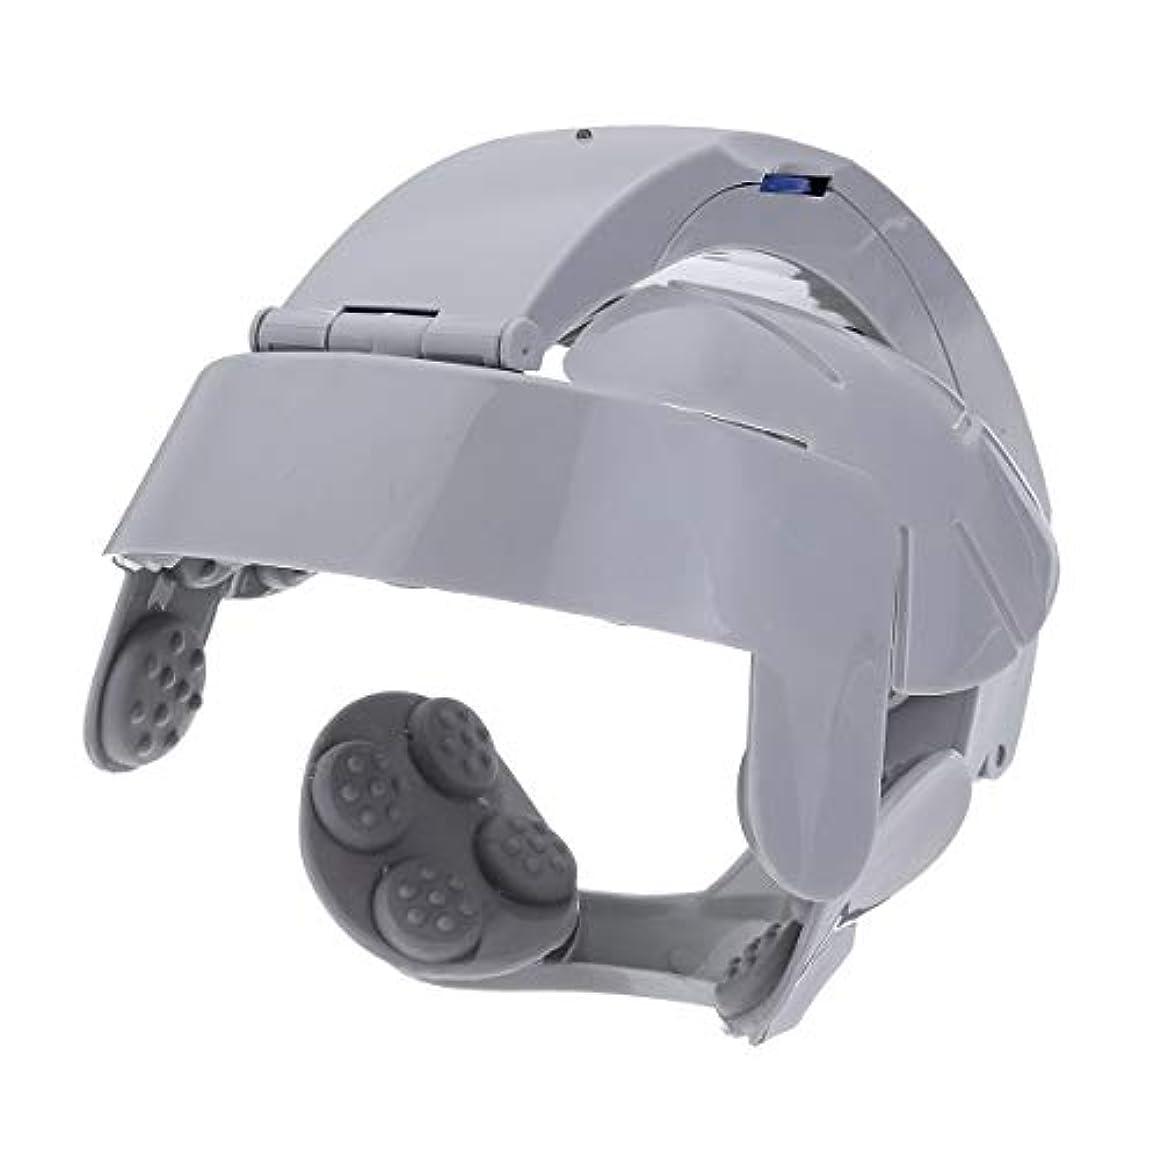 明日ラッシュ触覚ヘッド振動マッサージ電動ヘッドマッサージリラックス脳経穴ストレス解放マシンポータブルのためのホーム使用